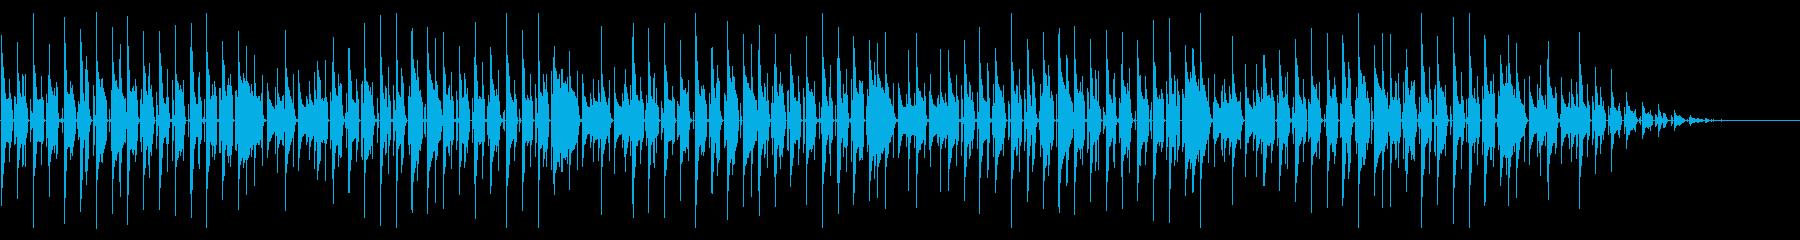 童謡「どんぐりころころ」脱力系アレンジの再生済みの波形